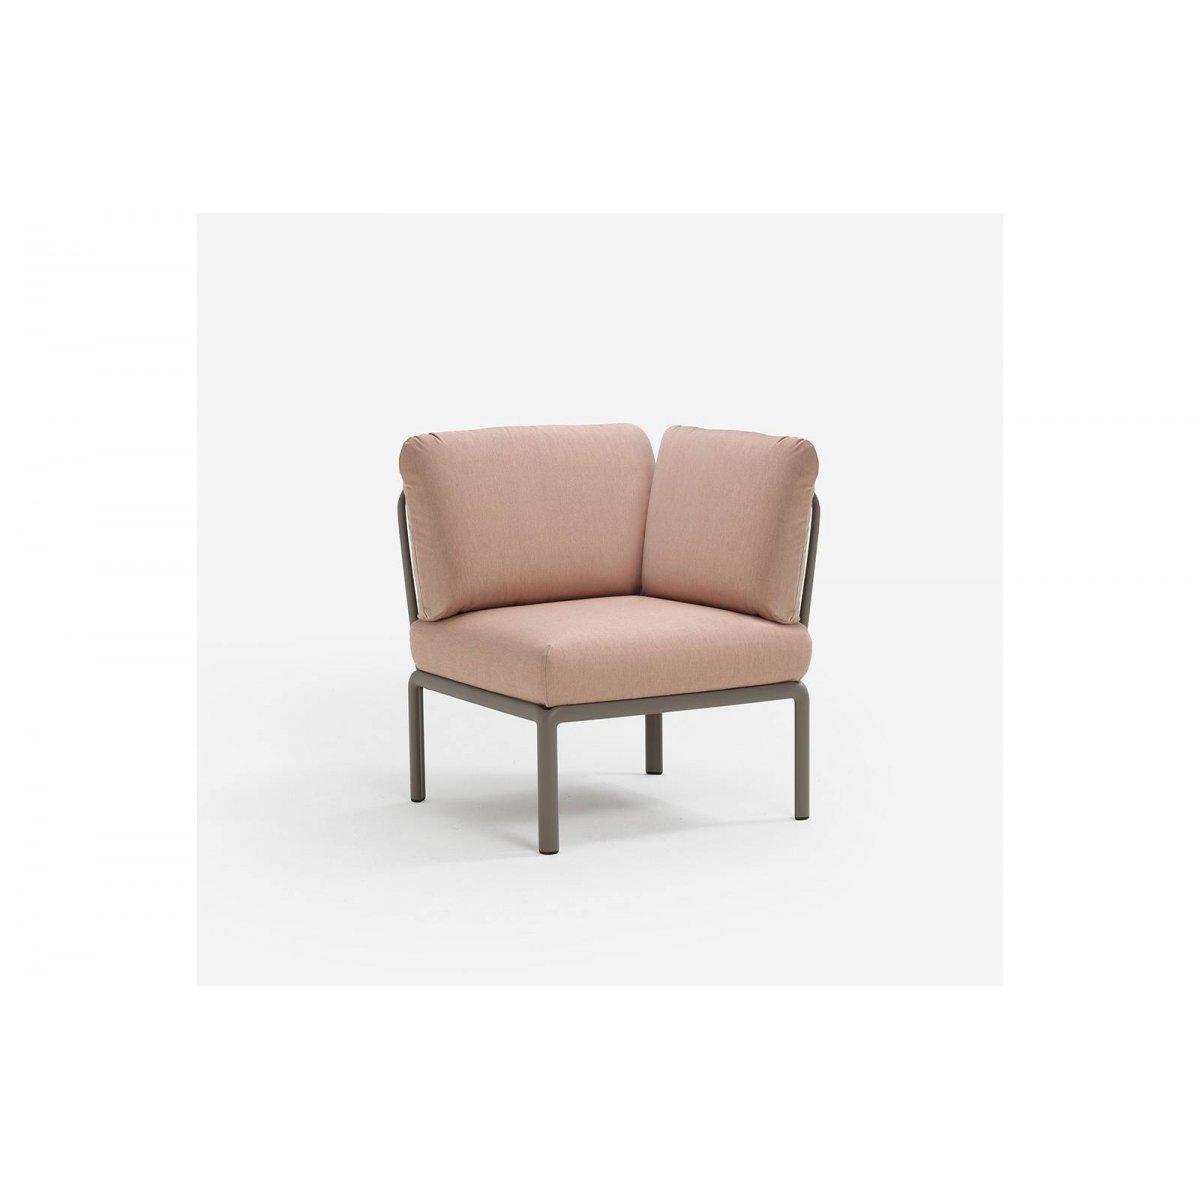 Komodo elemento angolo colore tortora con tessuto acrilico rosa quarzo 066